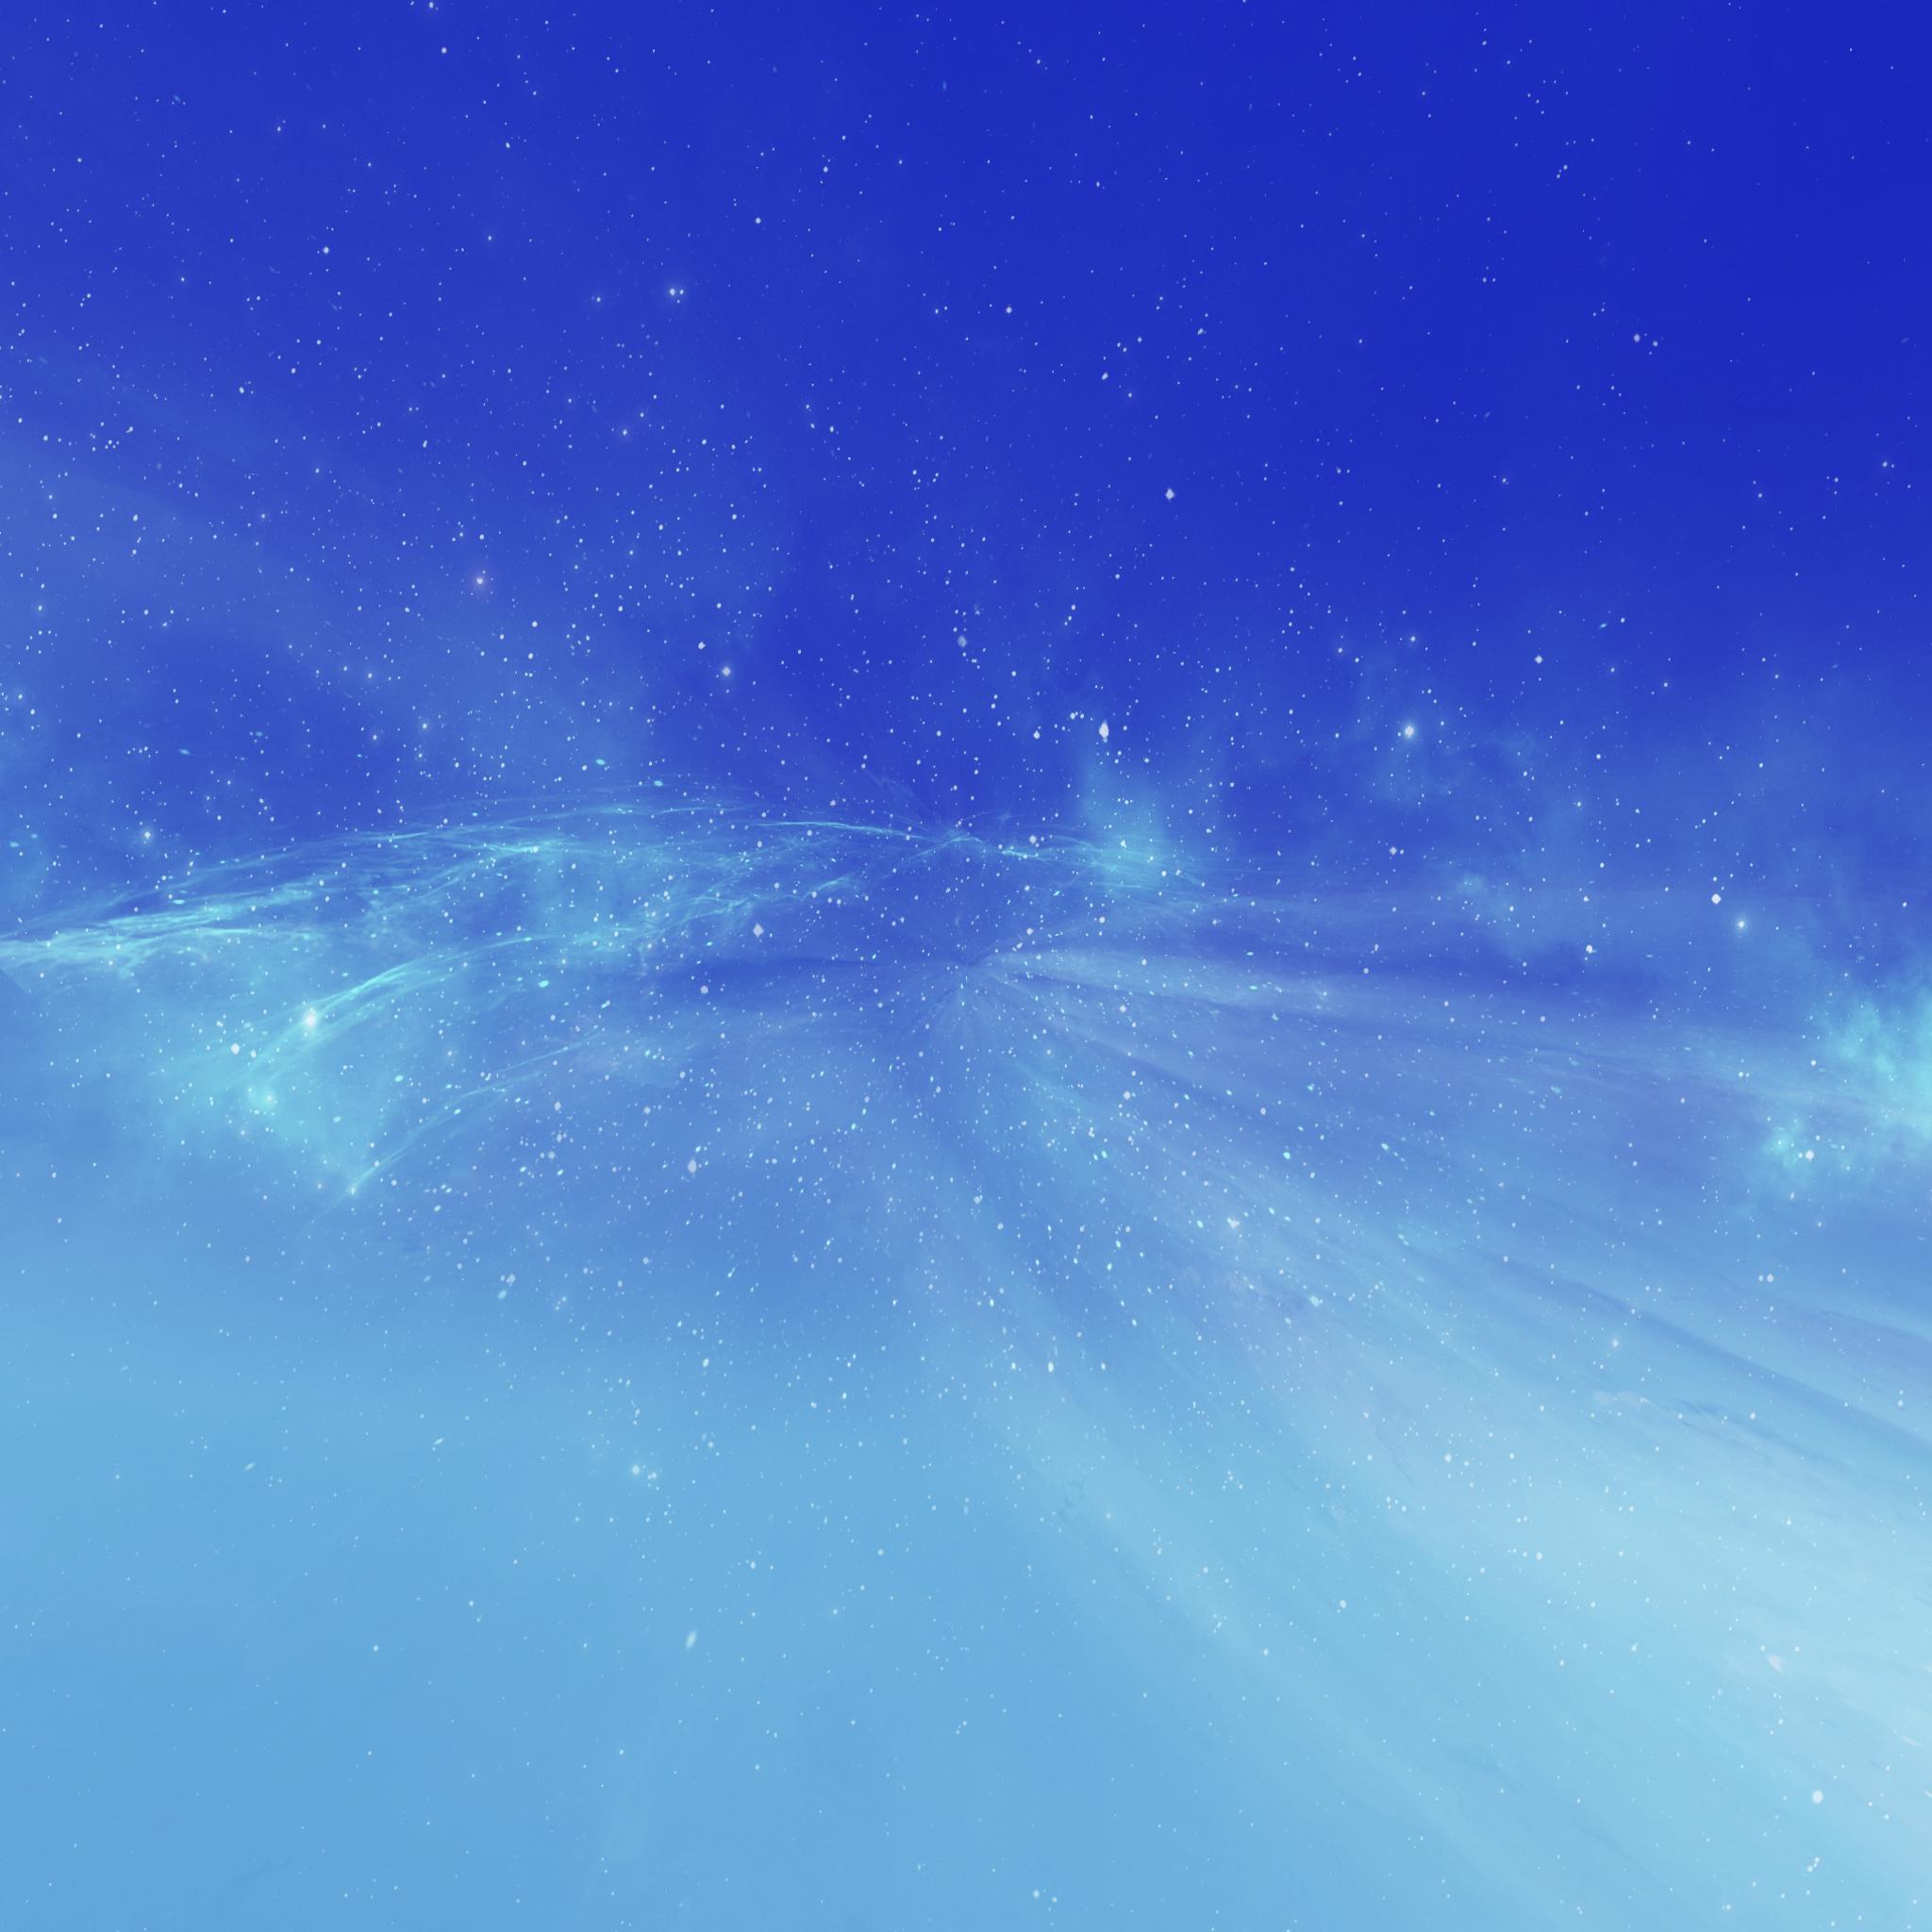 blue spaced milk